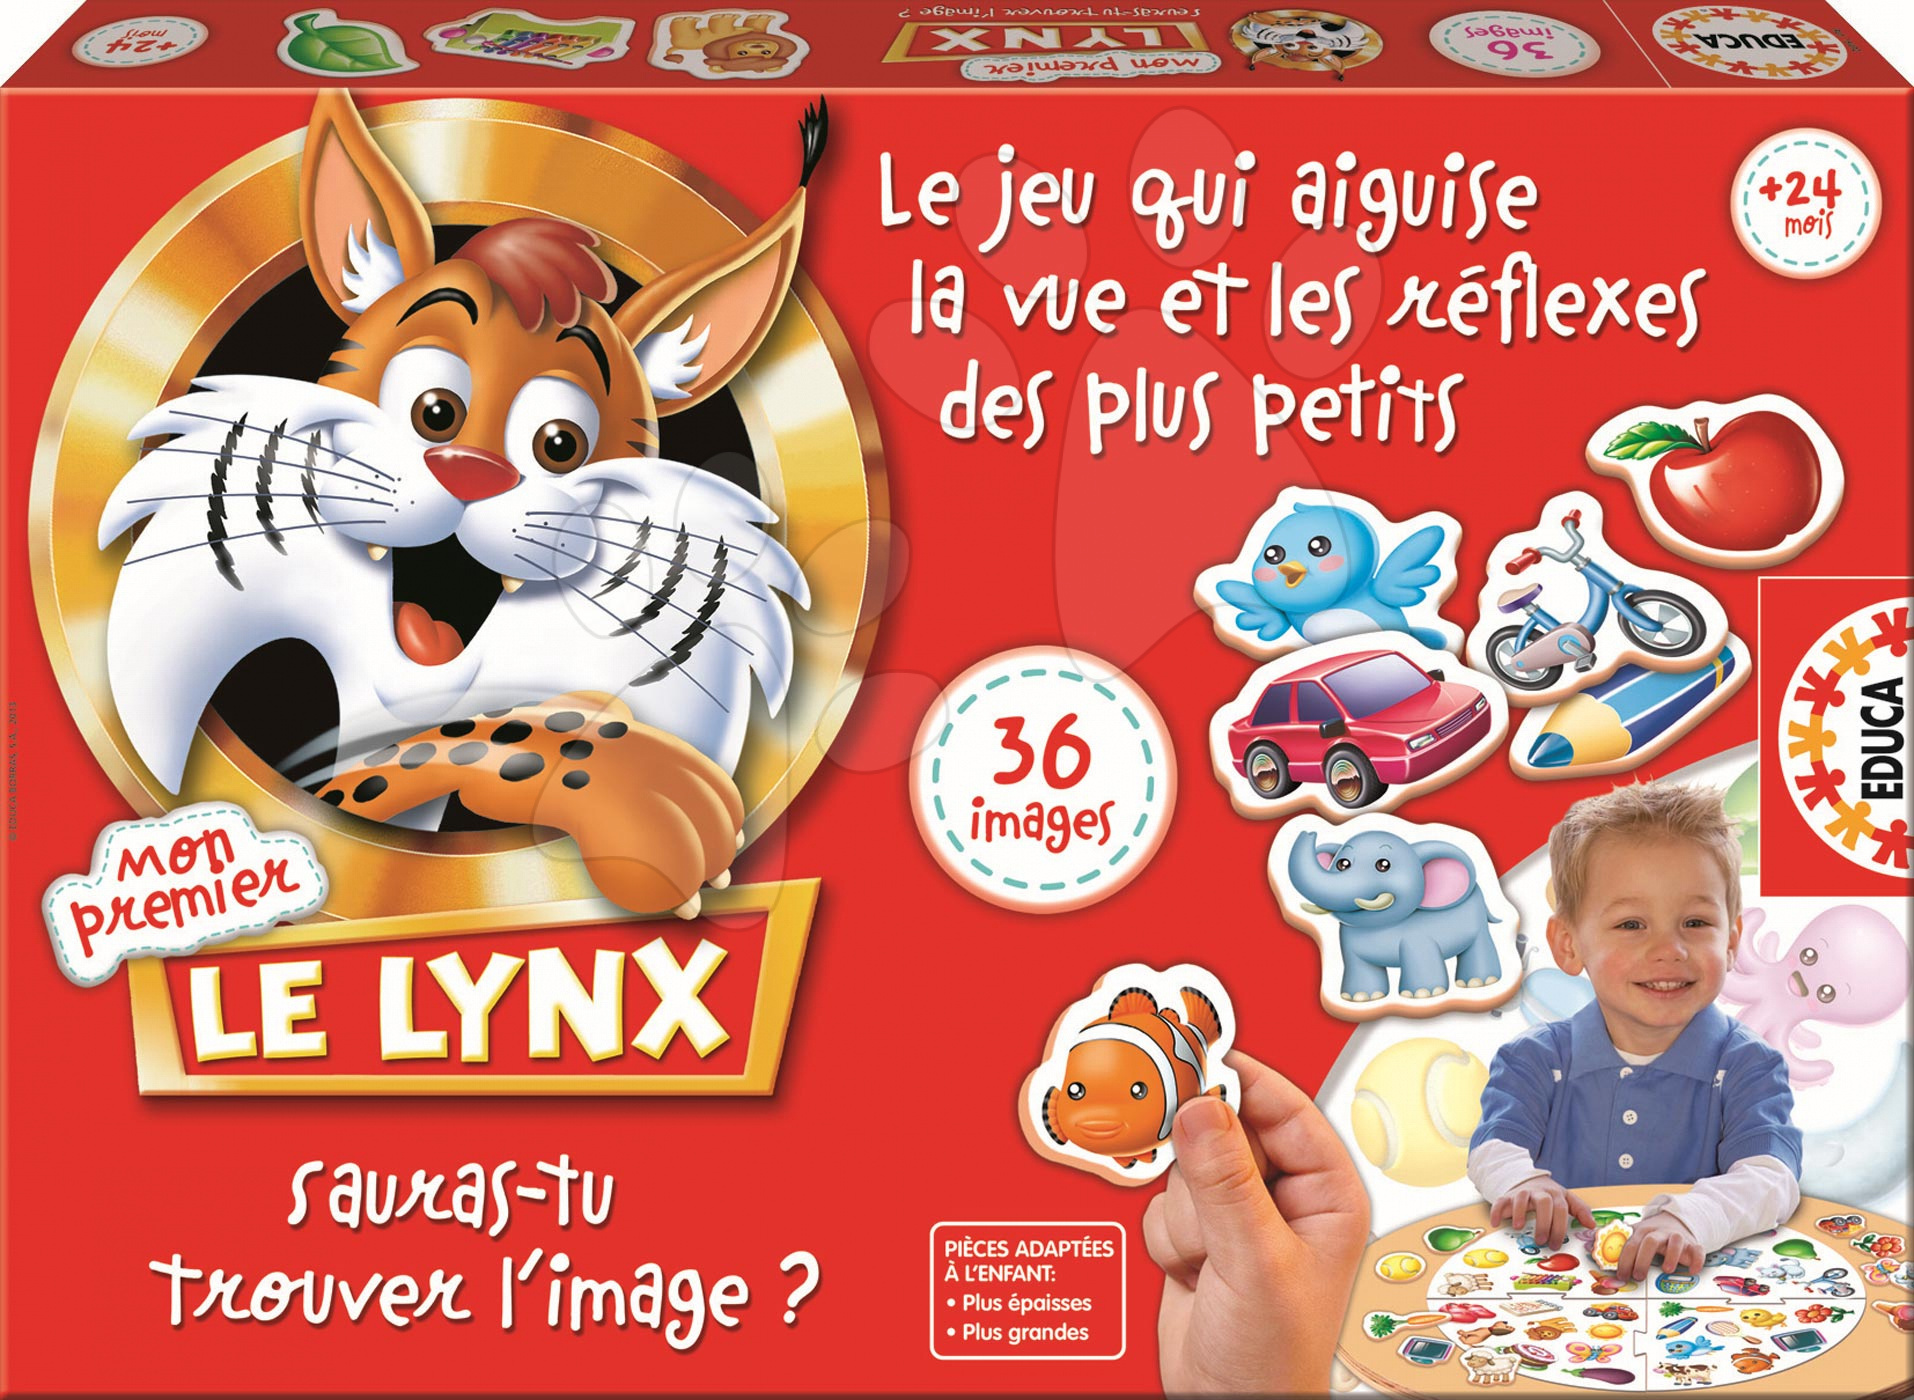 Cudzojazyčné spoločenské hry - Spoločenská hra pre najmenších Le Lynx Mon Premier Educa 36 obrázkov vo francúzštine od 24 mes